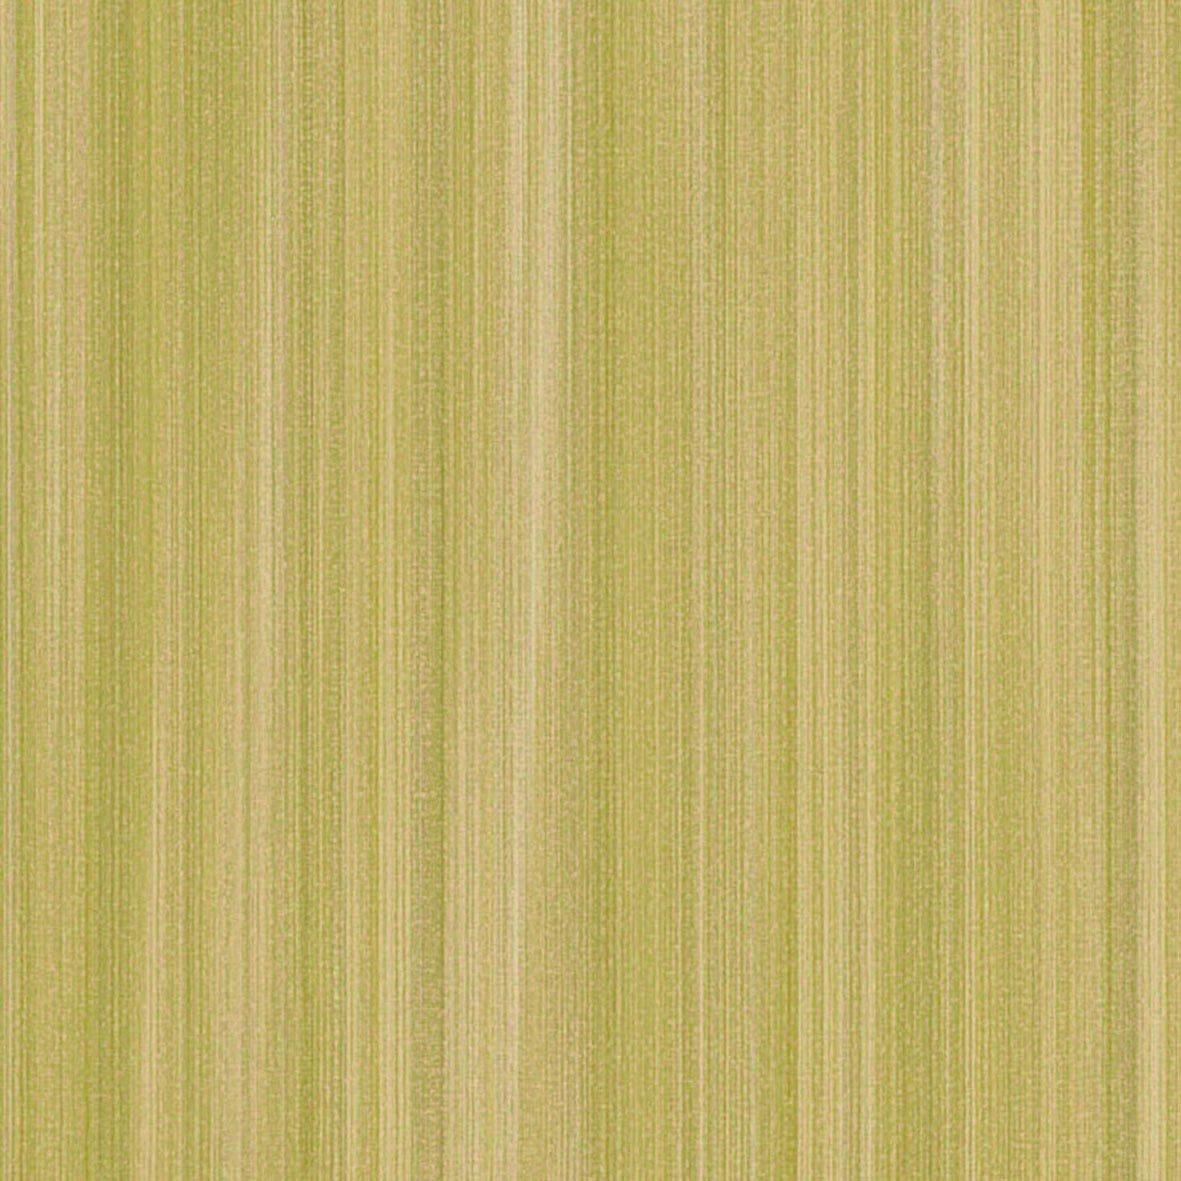 リリカラ 壁紙38m シンフル ストライプ イエロー LL-8607 B01MRH0MIP 38m|イエロー